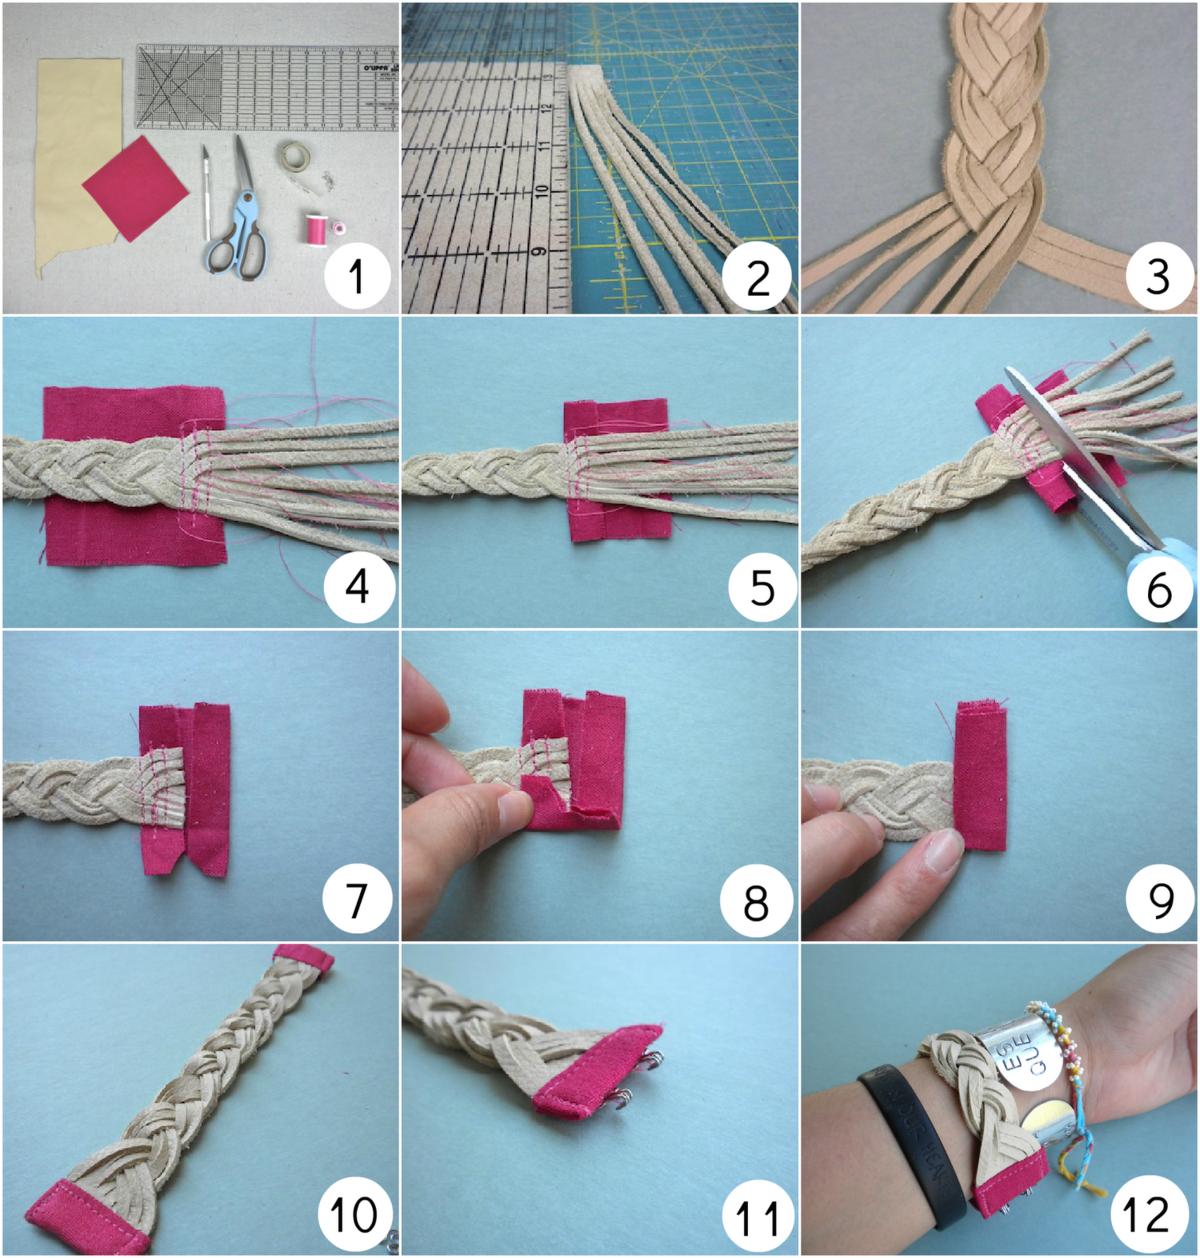 Браслеты своими руками: 10 способов как сделать браслет из ниток, из бусин, из резиночек для начинающих с фото